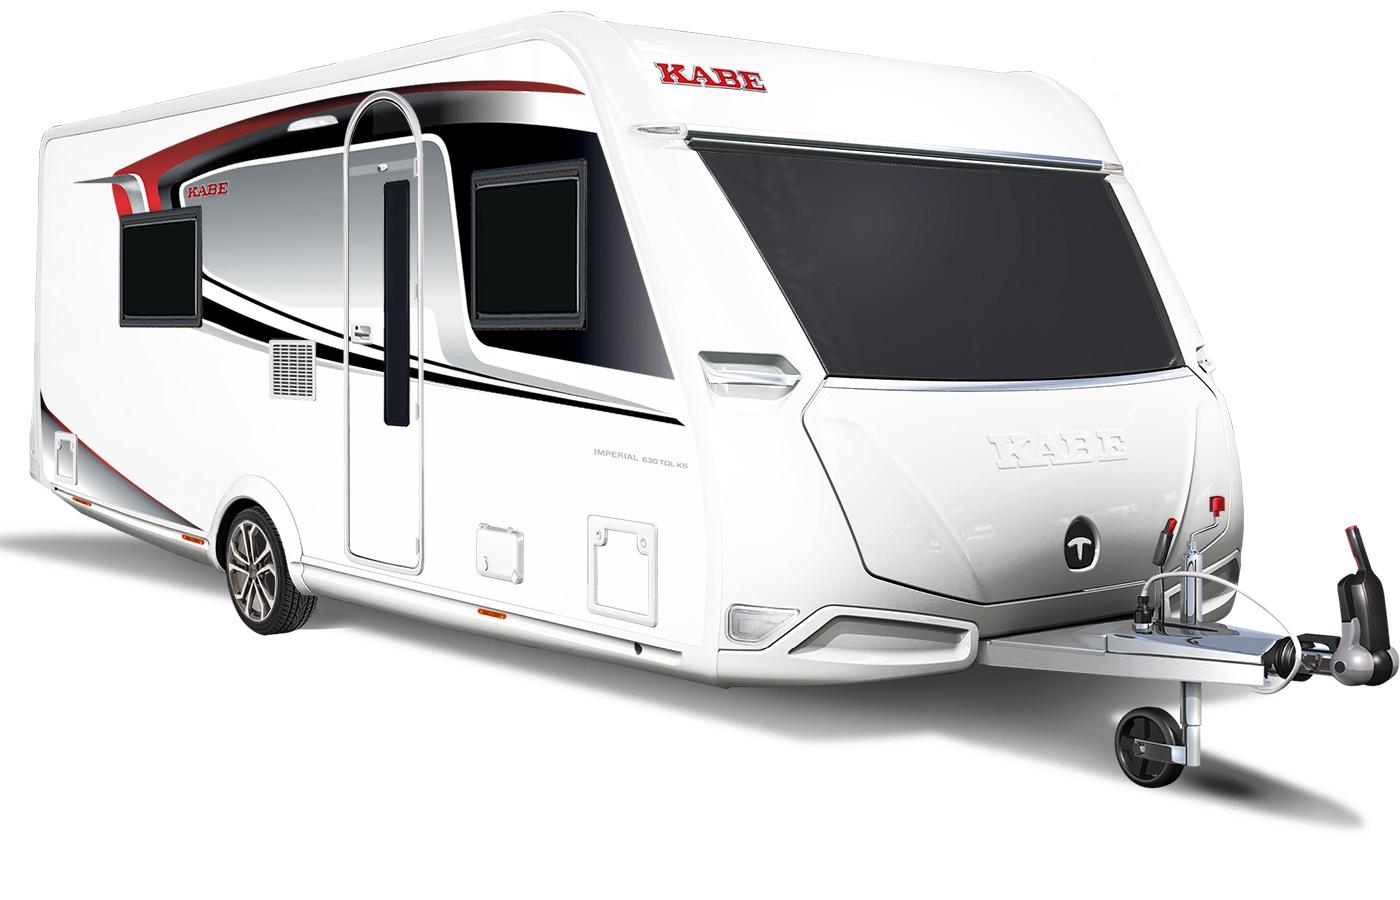 Kabe - Imperial 630 TDL